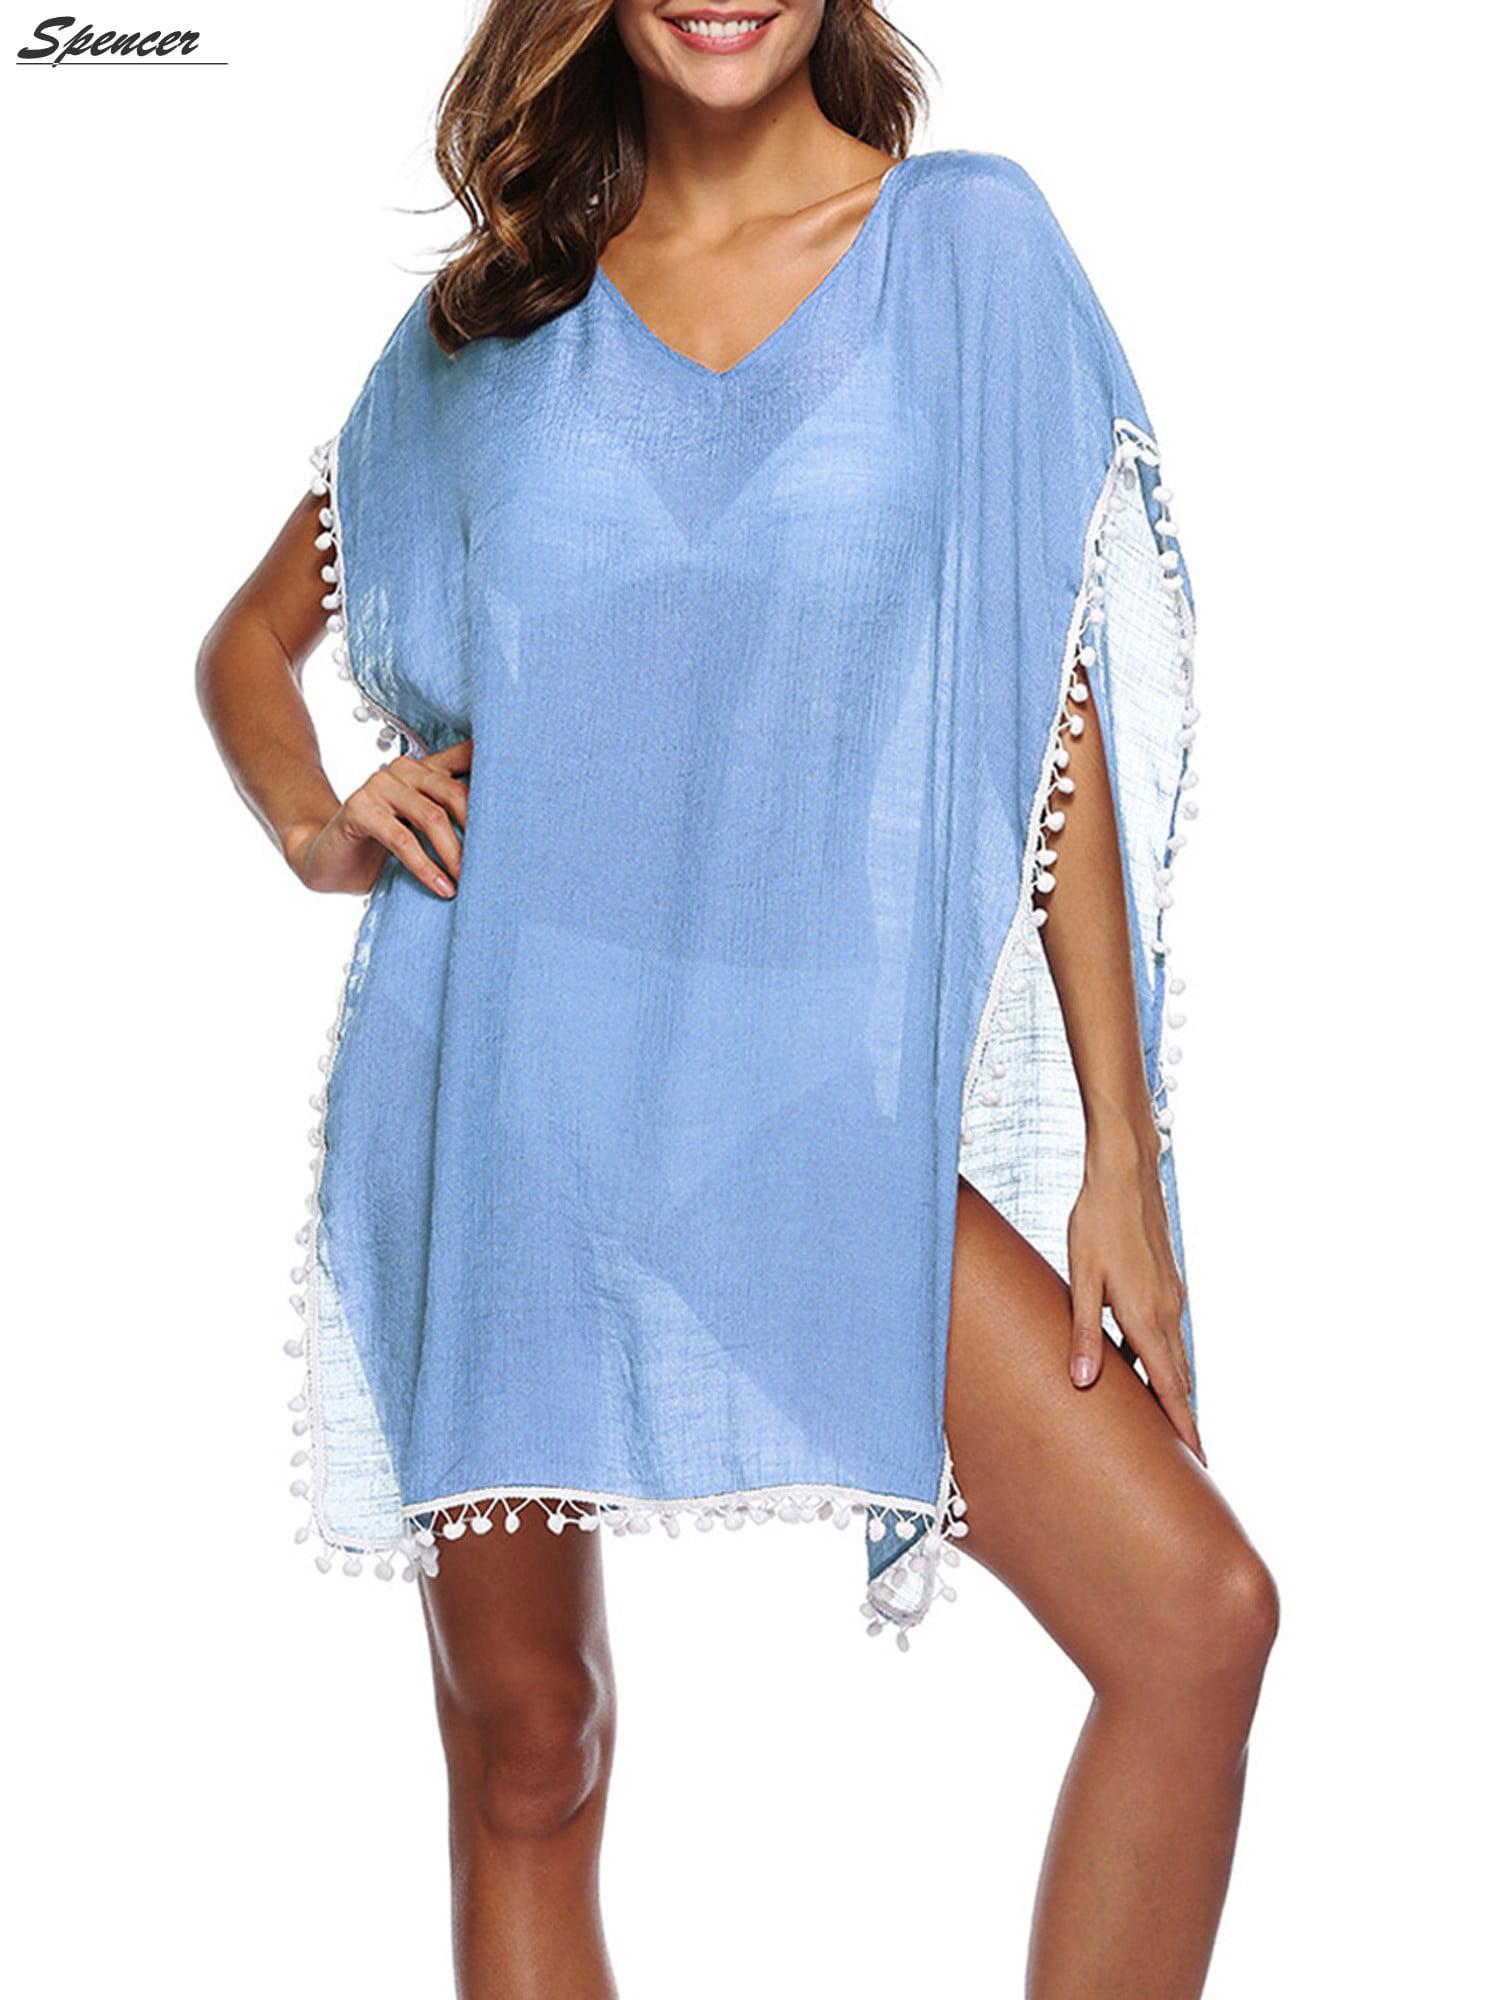 1c617ff990 Spencer - Spencer Beach Swimwear Crochet V Neck Bikini Cover up Net for  Women Swimsuit Pool Cover up Hollow Dress